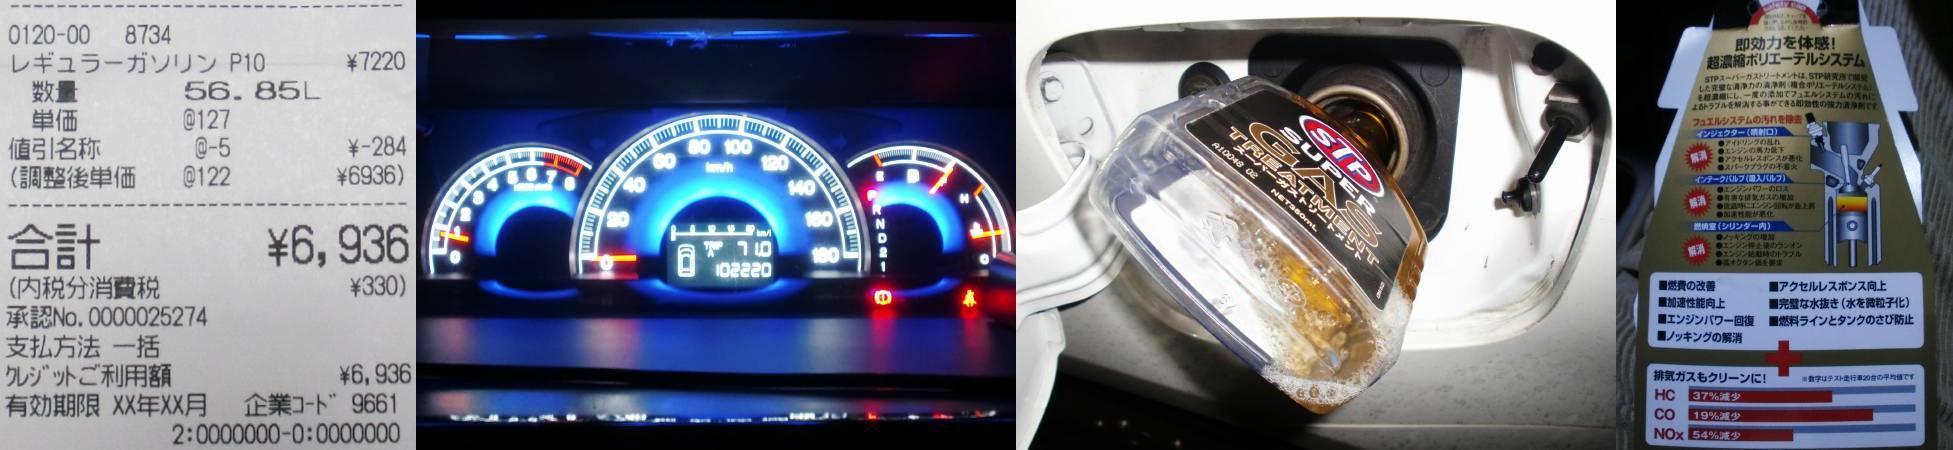 久々に満タンにして、ガソリンからエンジンを洗浄しました。